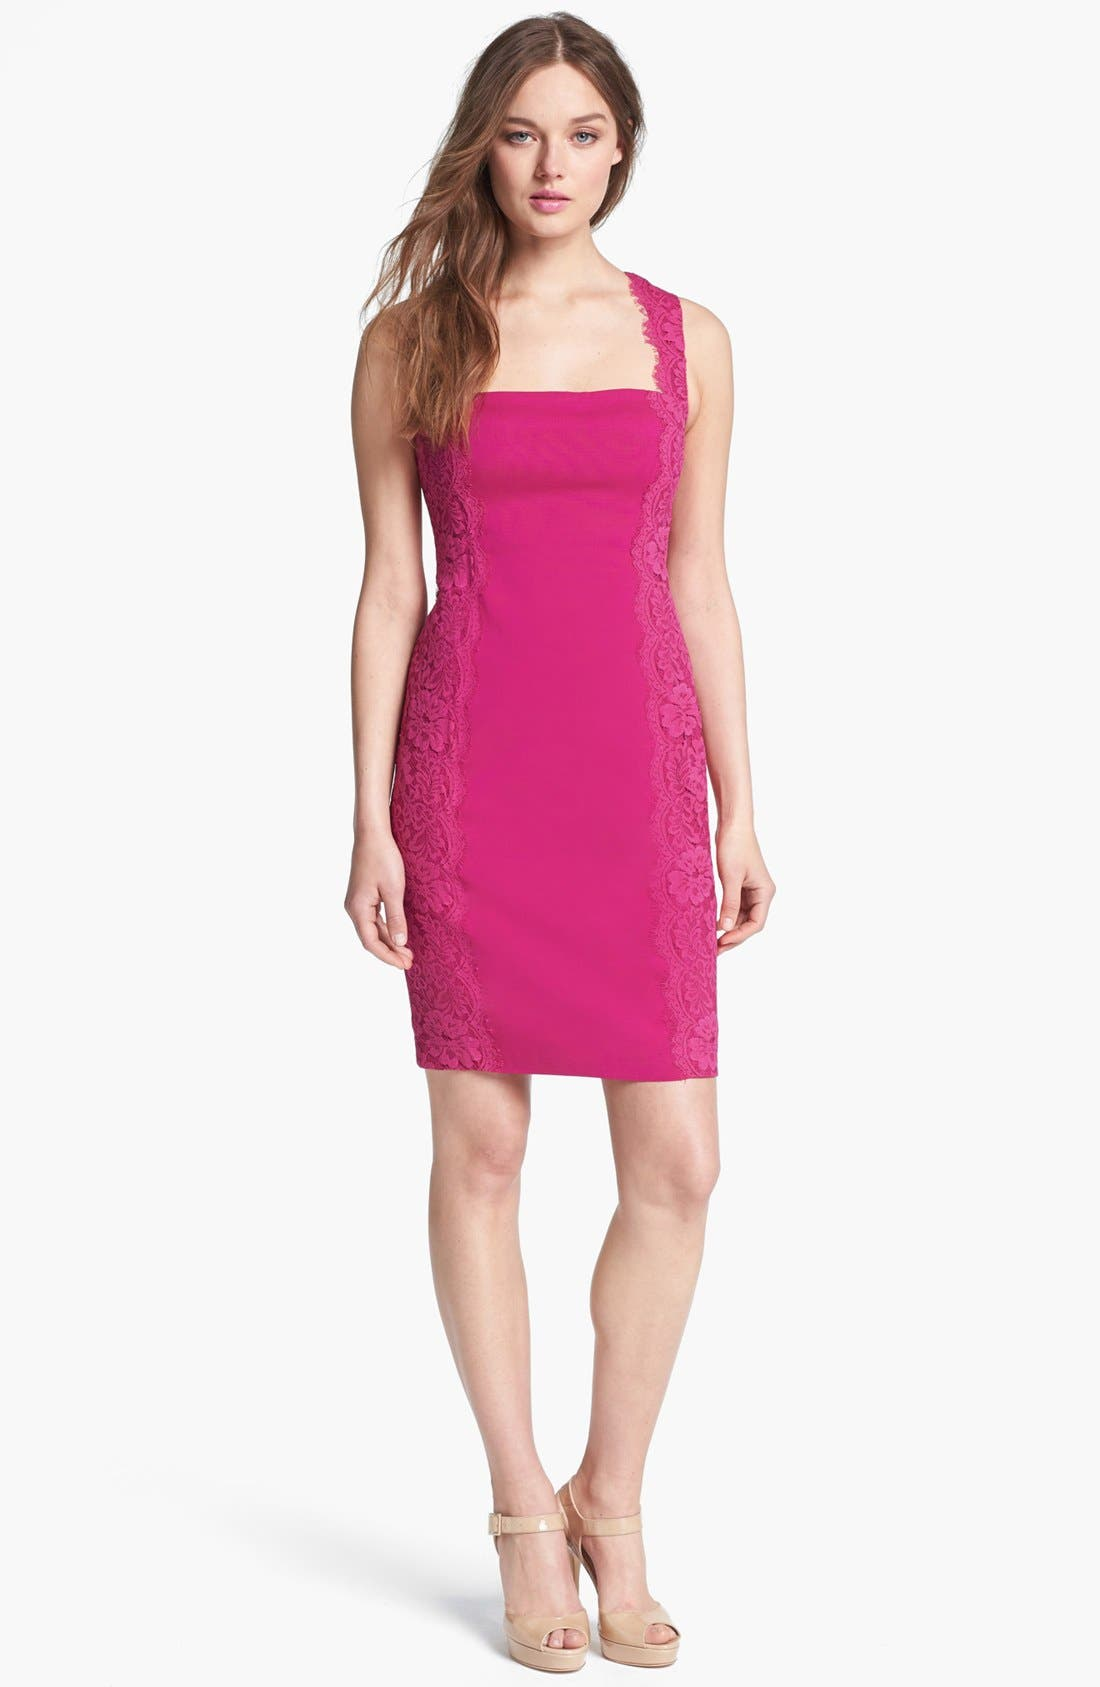 Alternate Image 1 Selected - Aidan Mattox Lace Paneled Sheath Dress